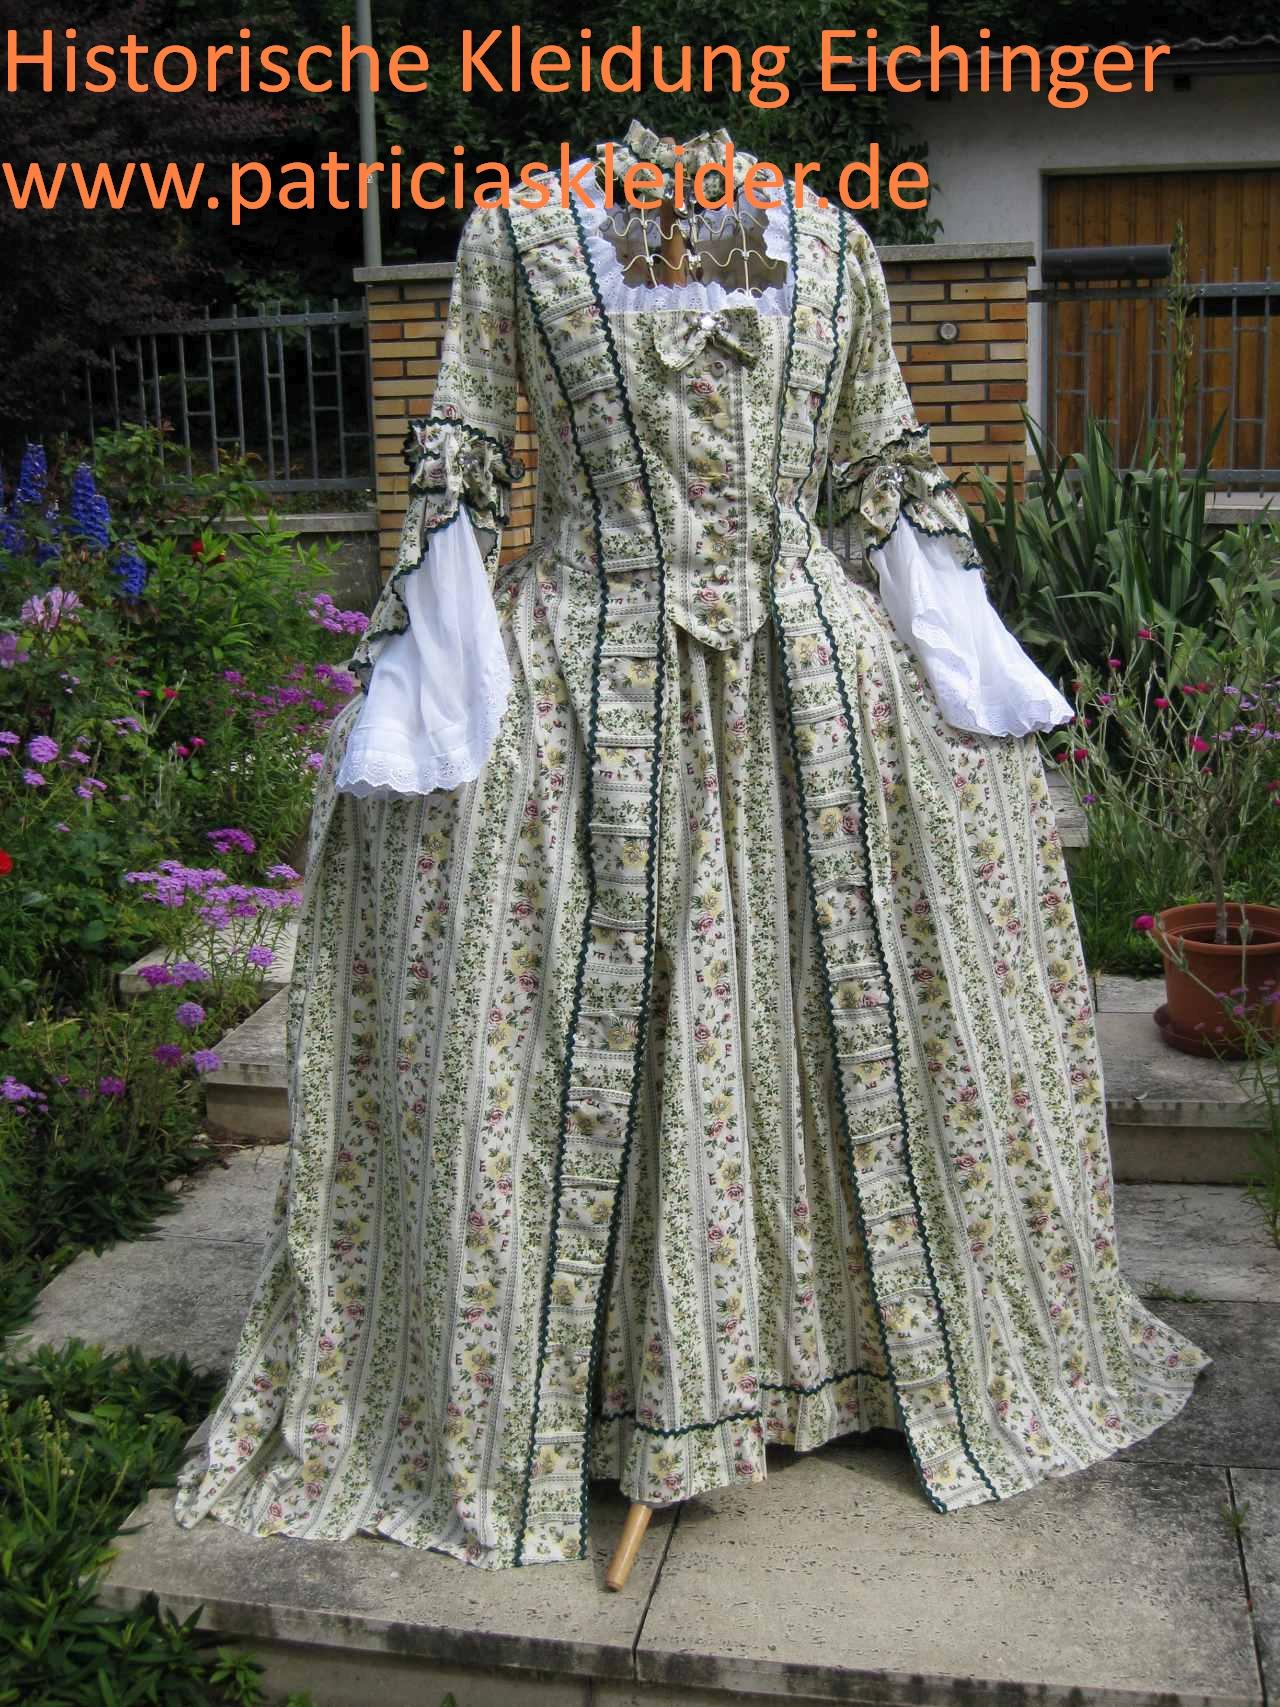 Rokoko Historische Kleider und Kostüme